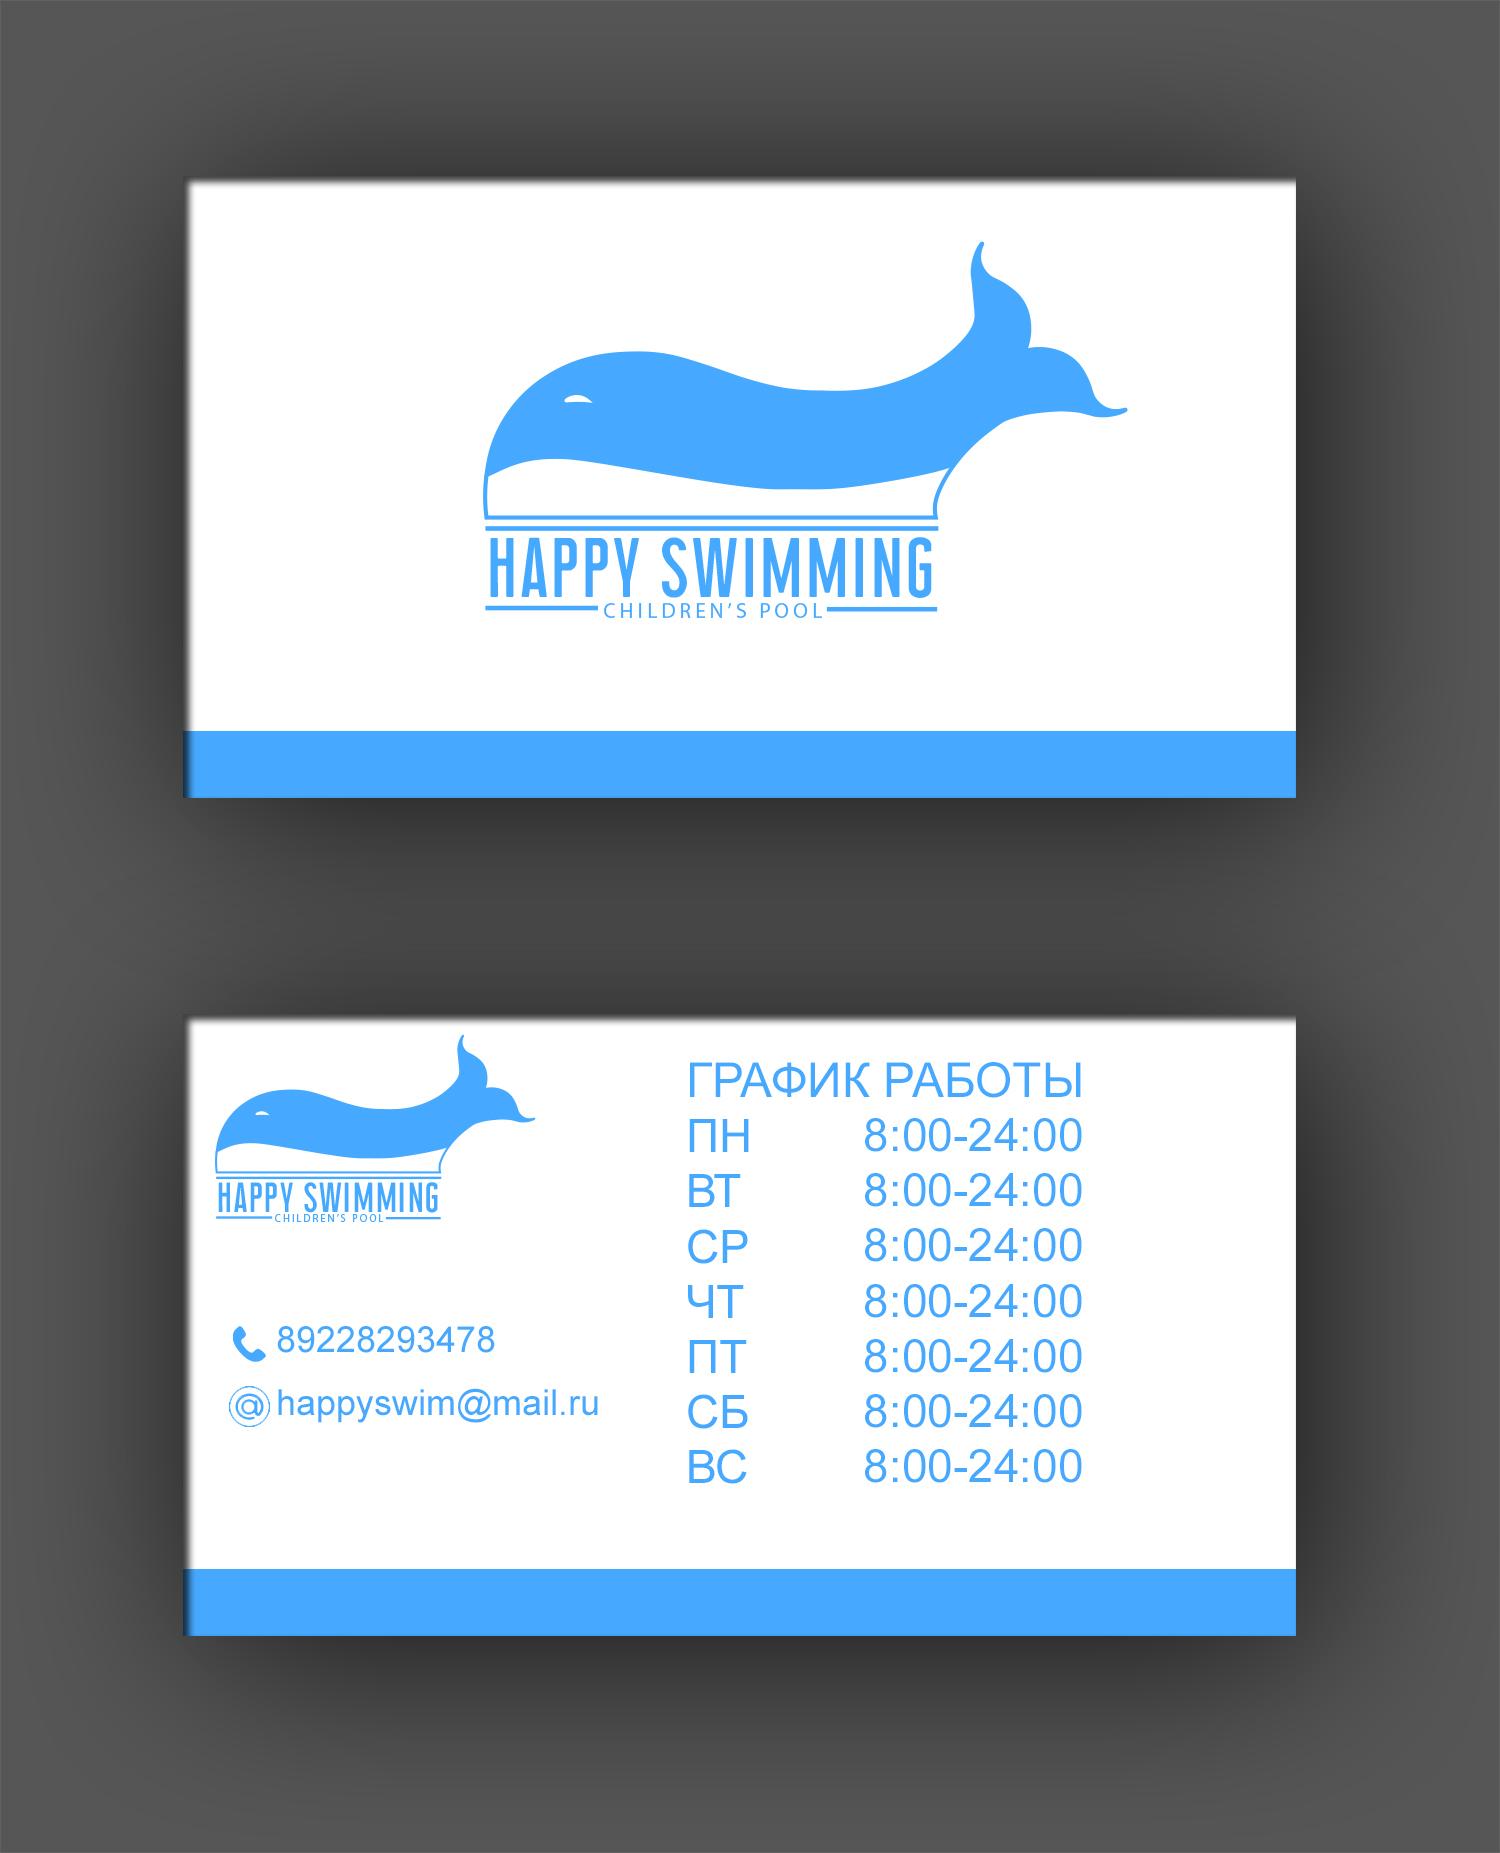 Логотип для  детского бассейна. фото f_9325c755c87d0fab.jpg